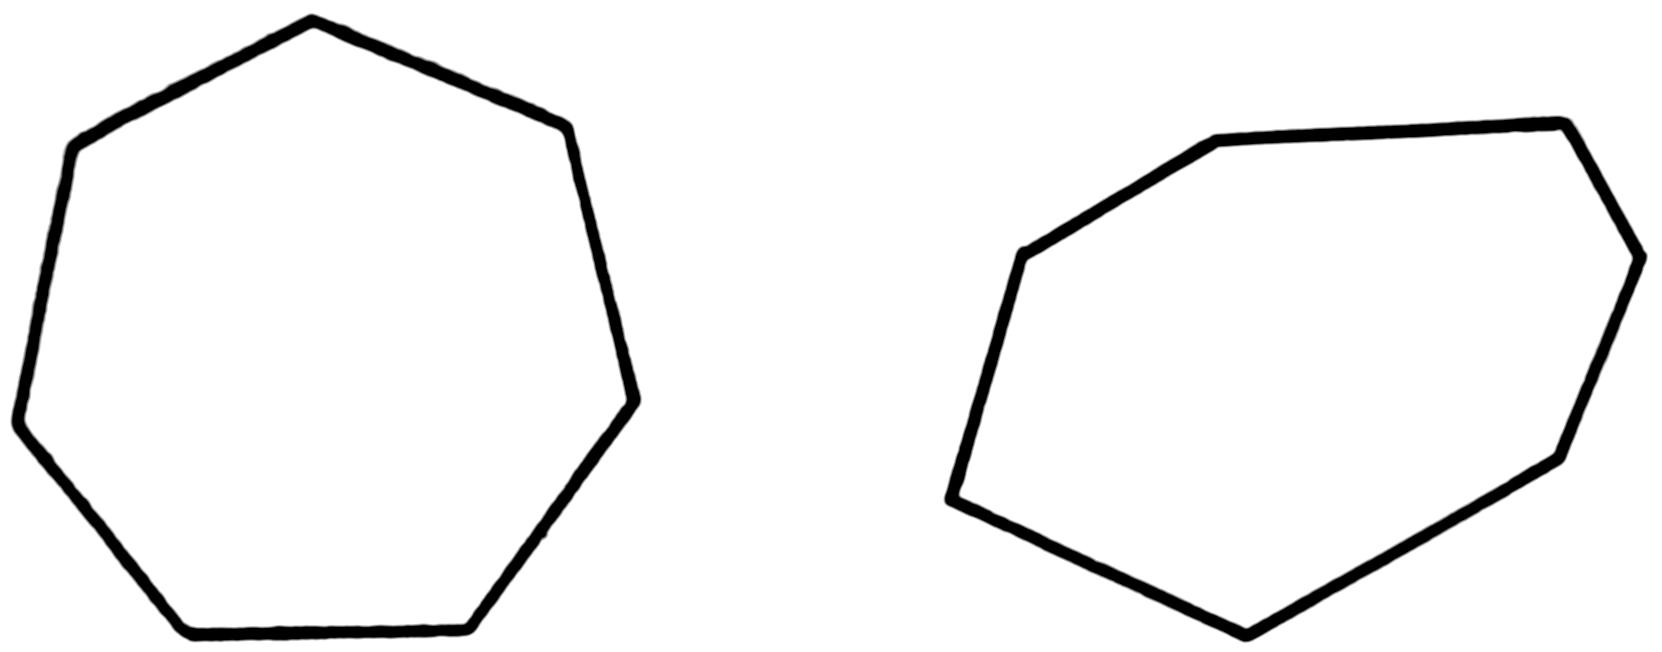 Heptagon PNG - 48620